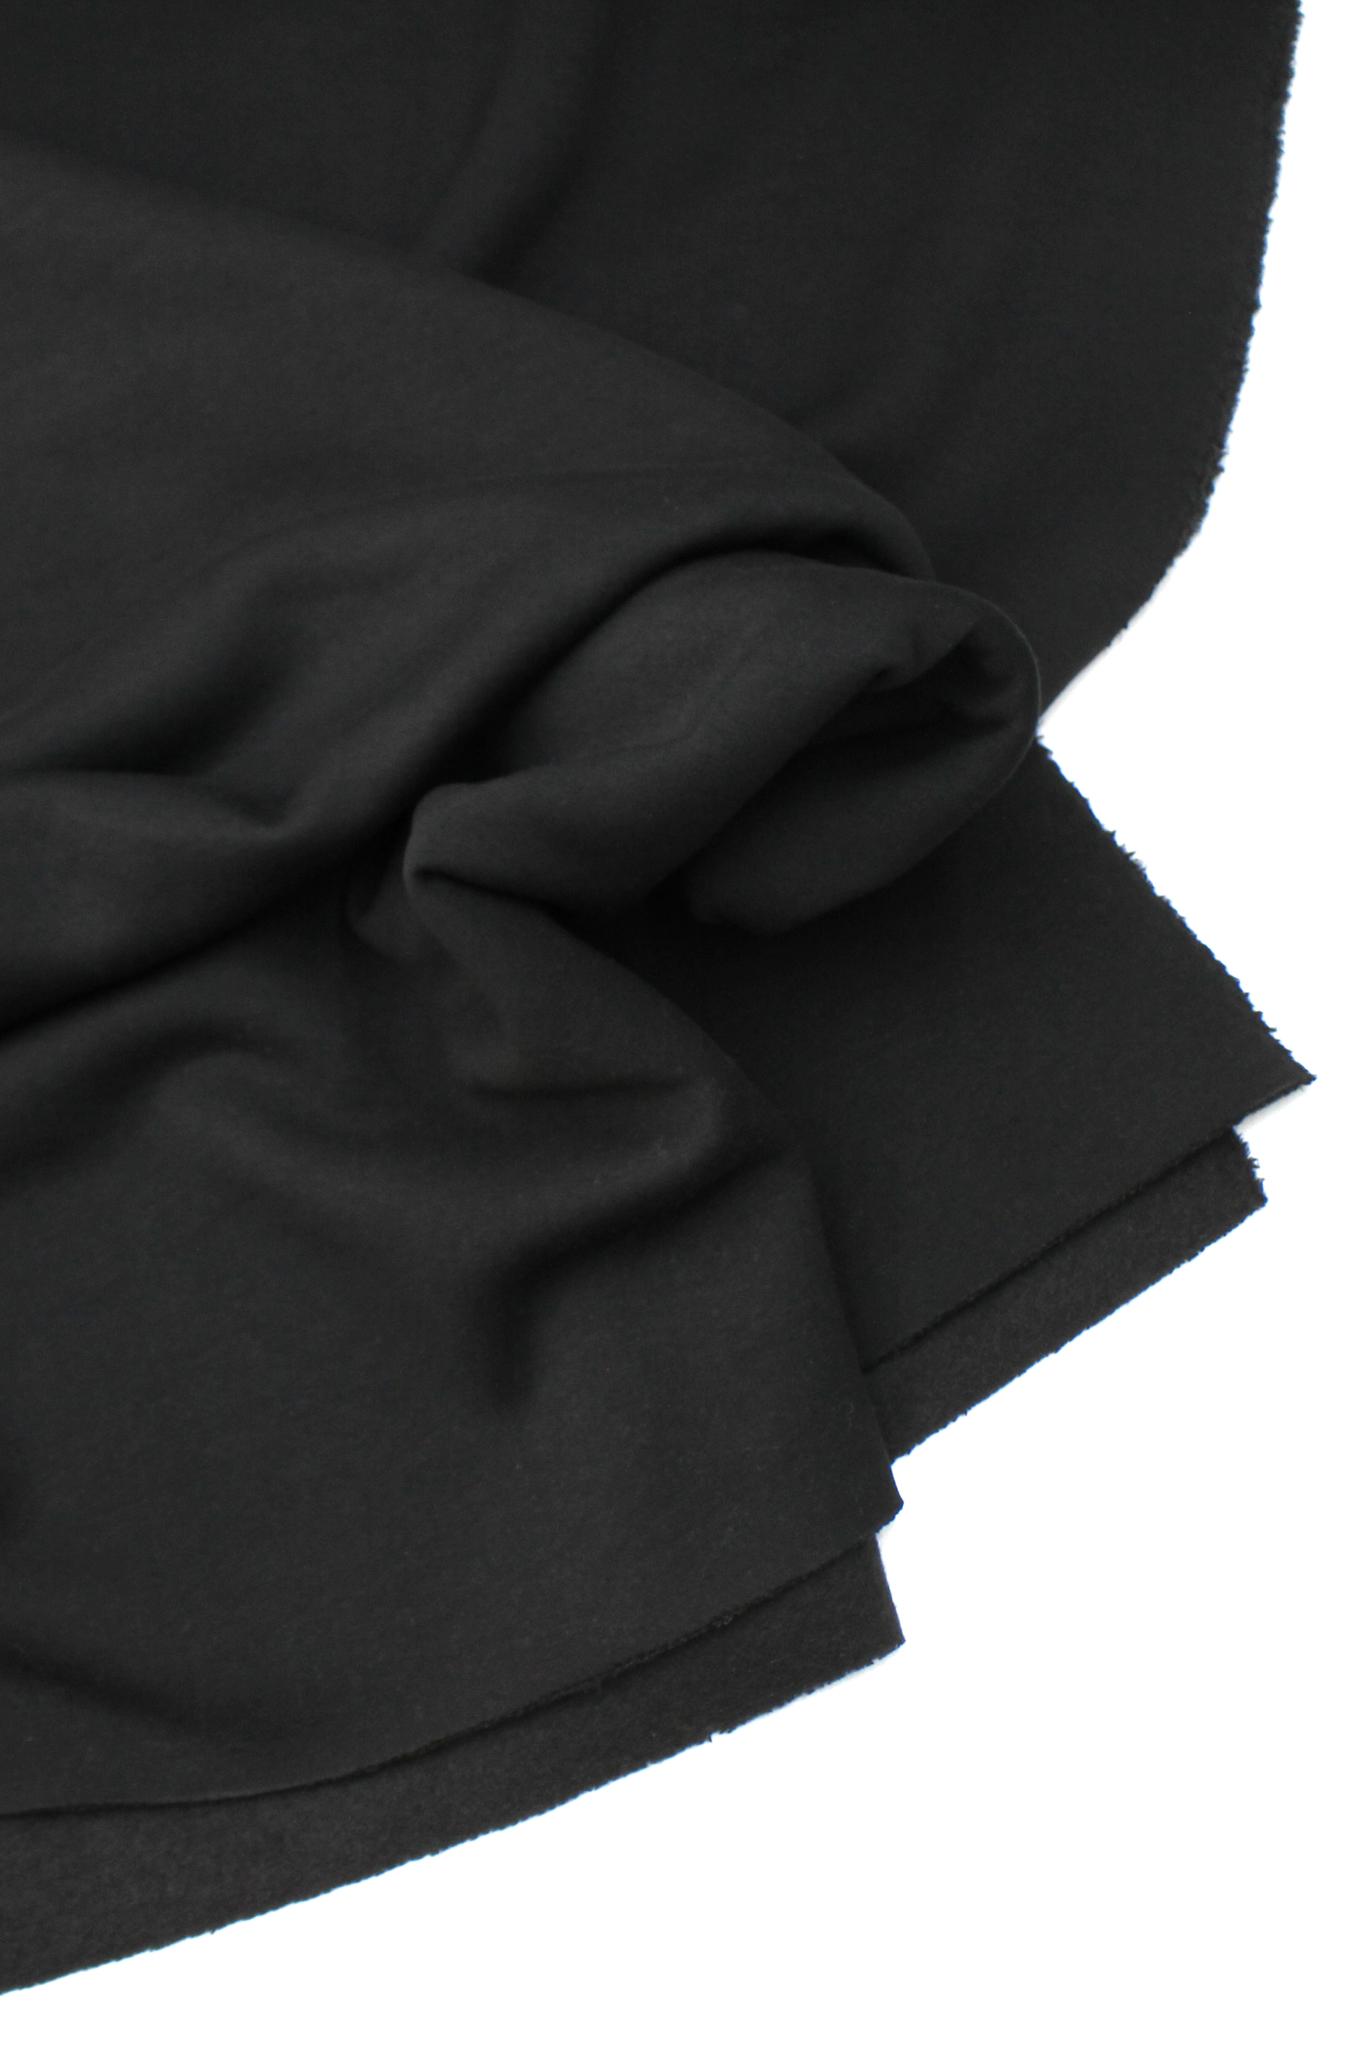 Футер 3-ка с начесом. Черный, 330гр